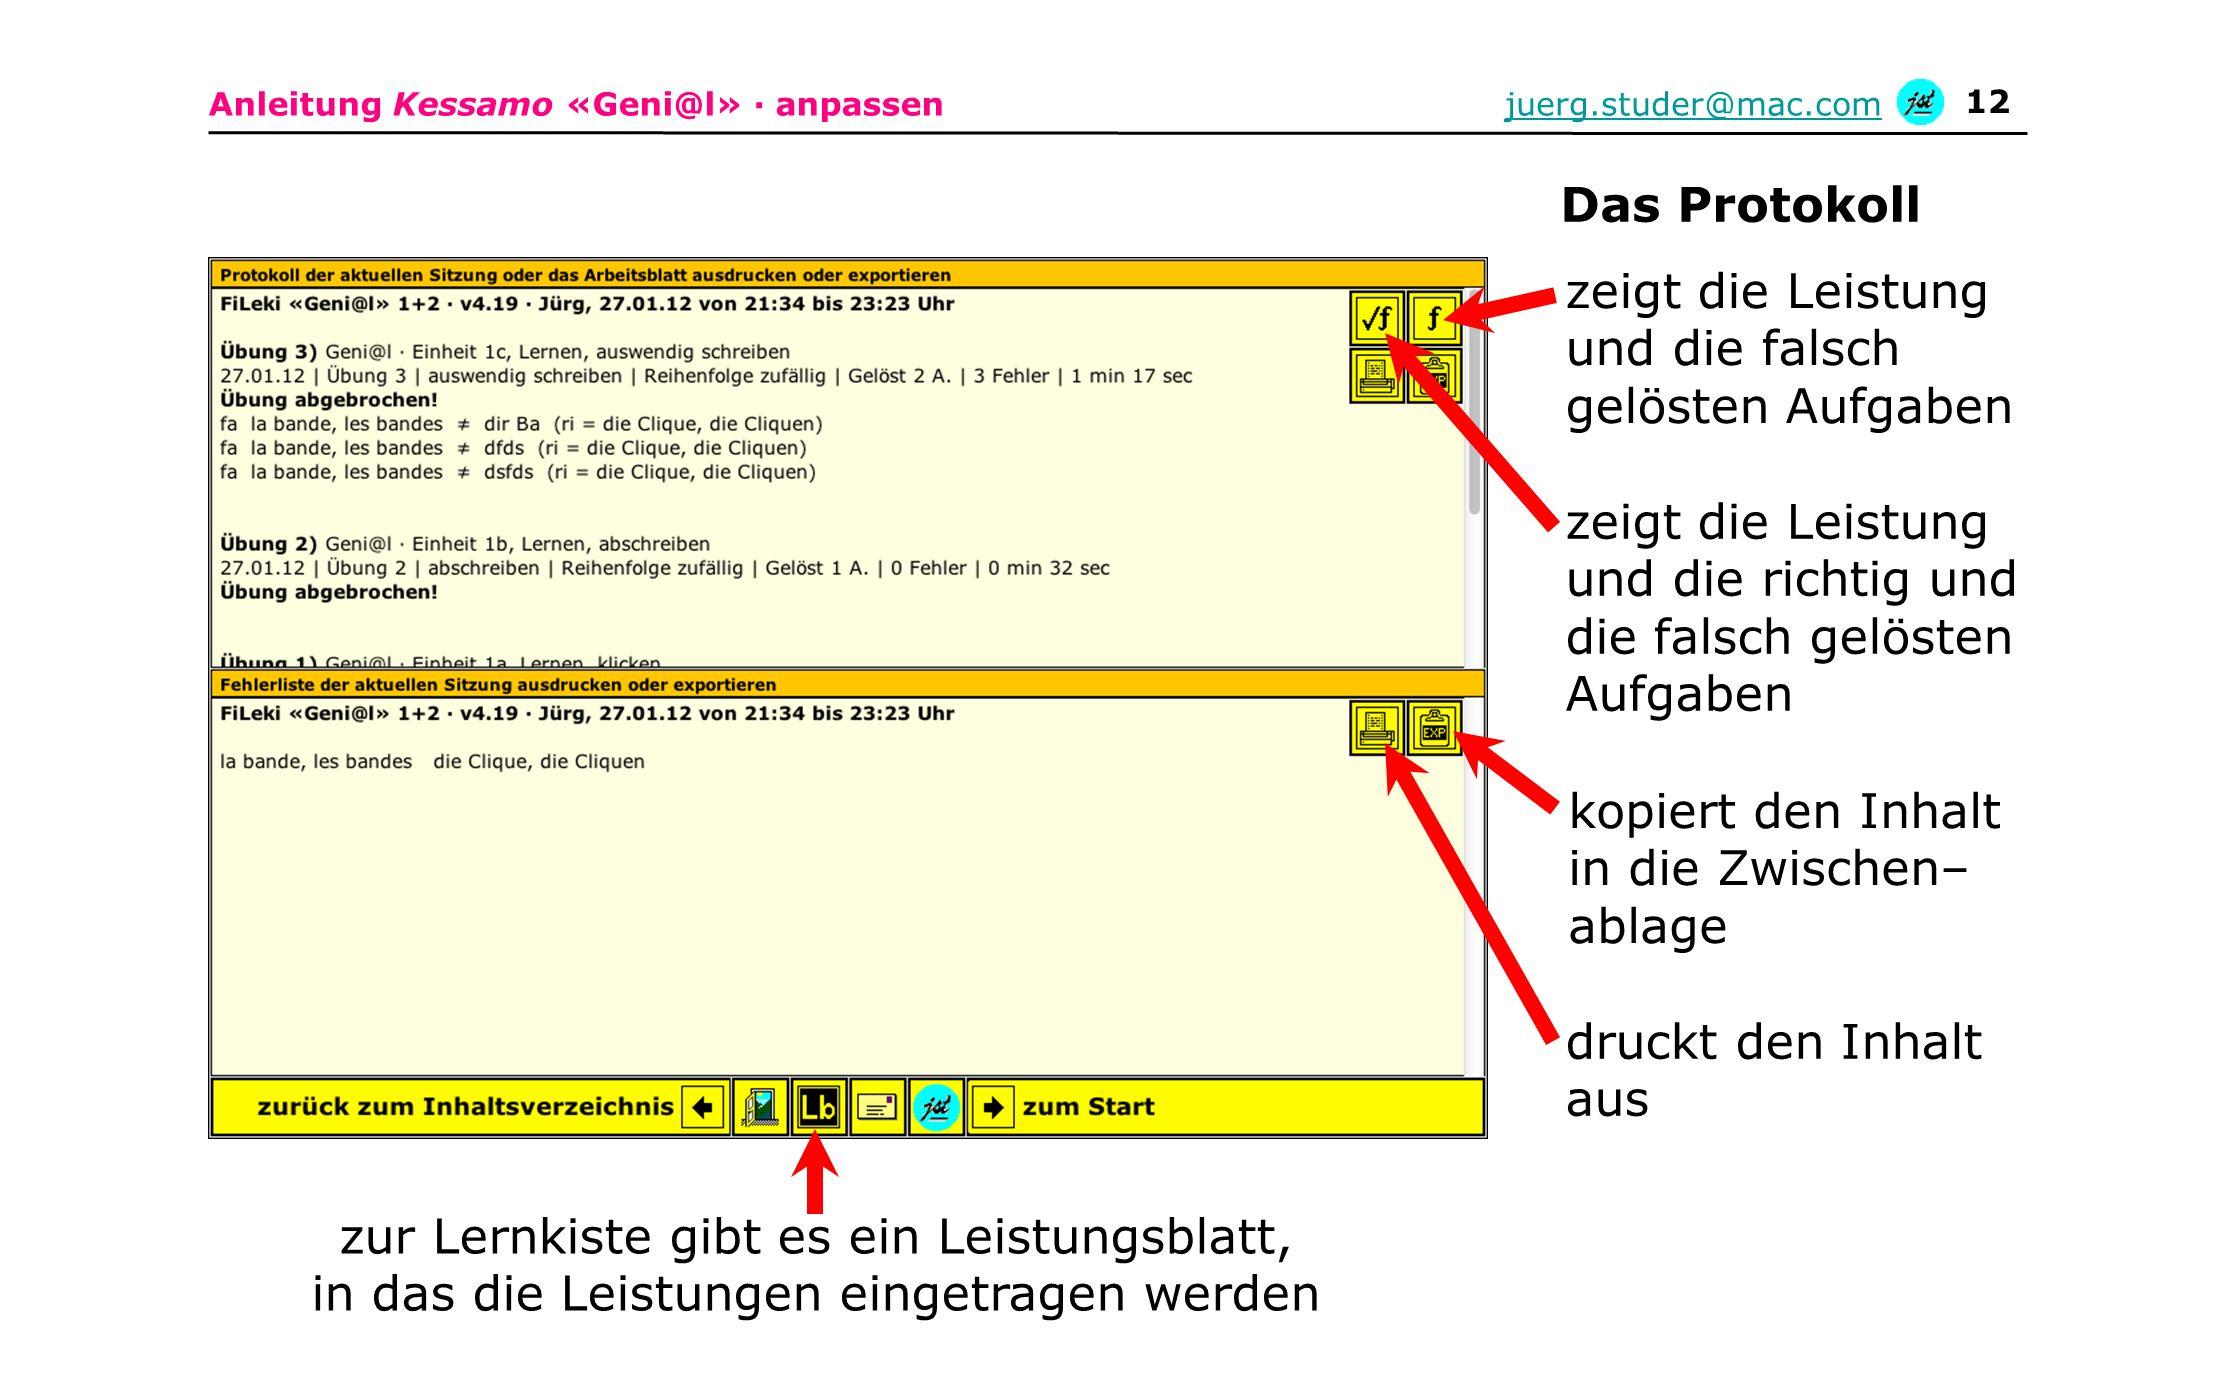 Anleitung Kessamo «Geni@l» · anpassenjuerg.studer@mac.com 12 zeigt die Leistung und die falsch gelösten Aufgaben zeigt die Leistung und die richtig un